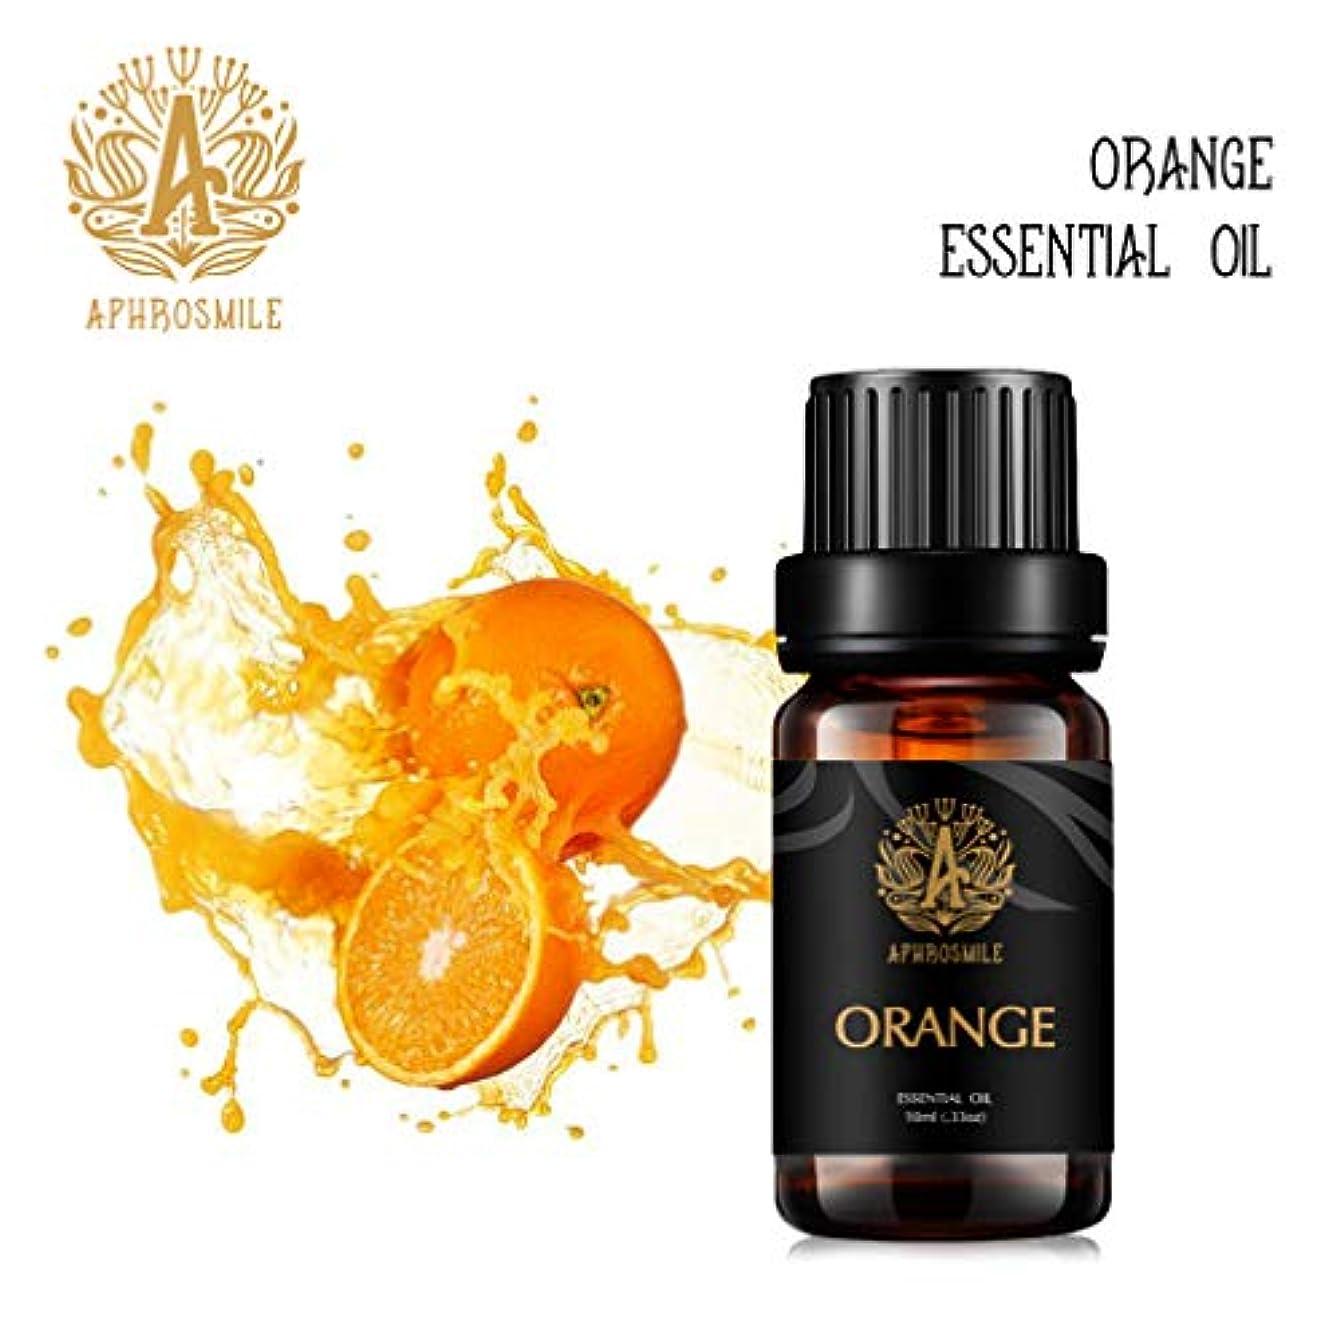 昨日不屈北東ディフューザー用アロマセラピーオレンジエッセンシャルオイル、加湿器用100%ピュアオレンジエッセンシャルオイルフレグランス、治療グレードのオレンジエッセンシャルオイルはマッサージに使用されます。家庭用0.33oz-10ml